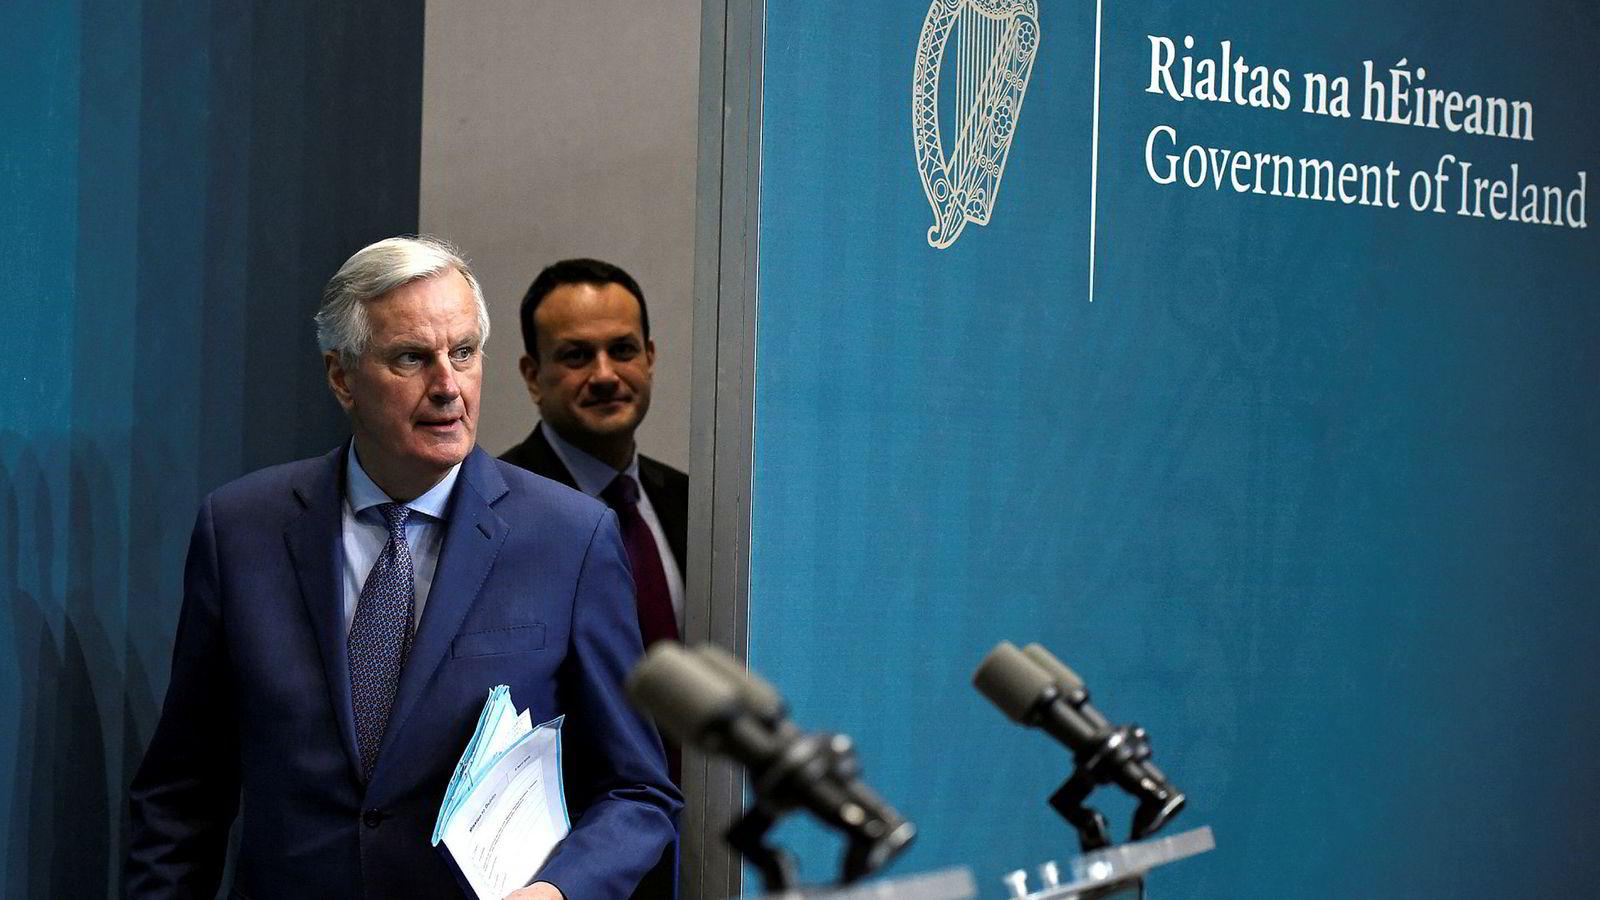 EUs brexitforhandler Michel Barnier kom med et klart budskap til britene etter møtet med Irlands statsminister Leo Varadkar i Dublin mandag.